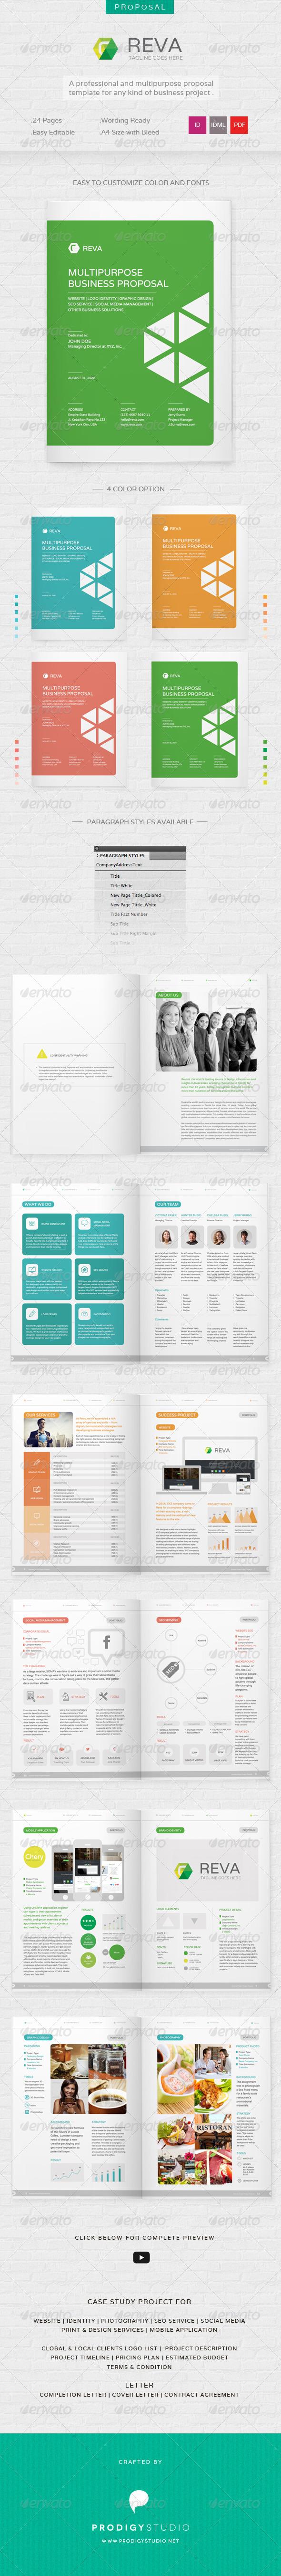 GraphicRiver Reva Multi Purpose Proposal Template 6803021